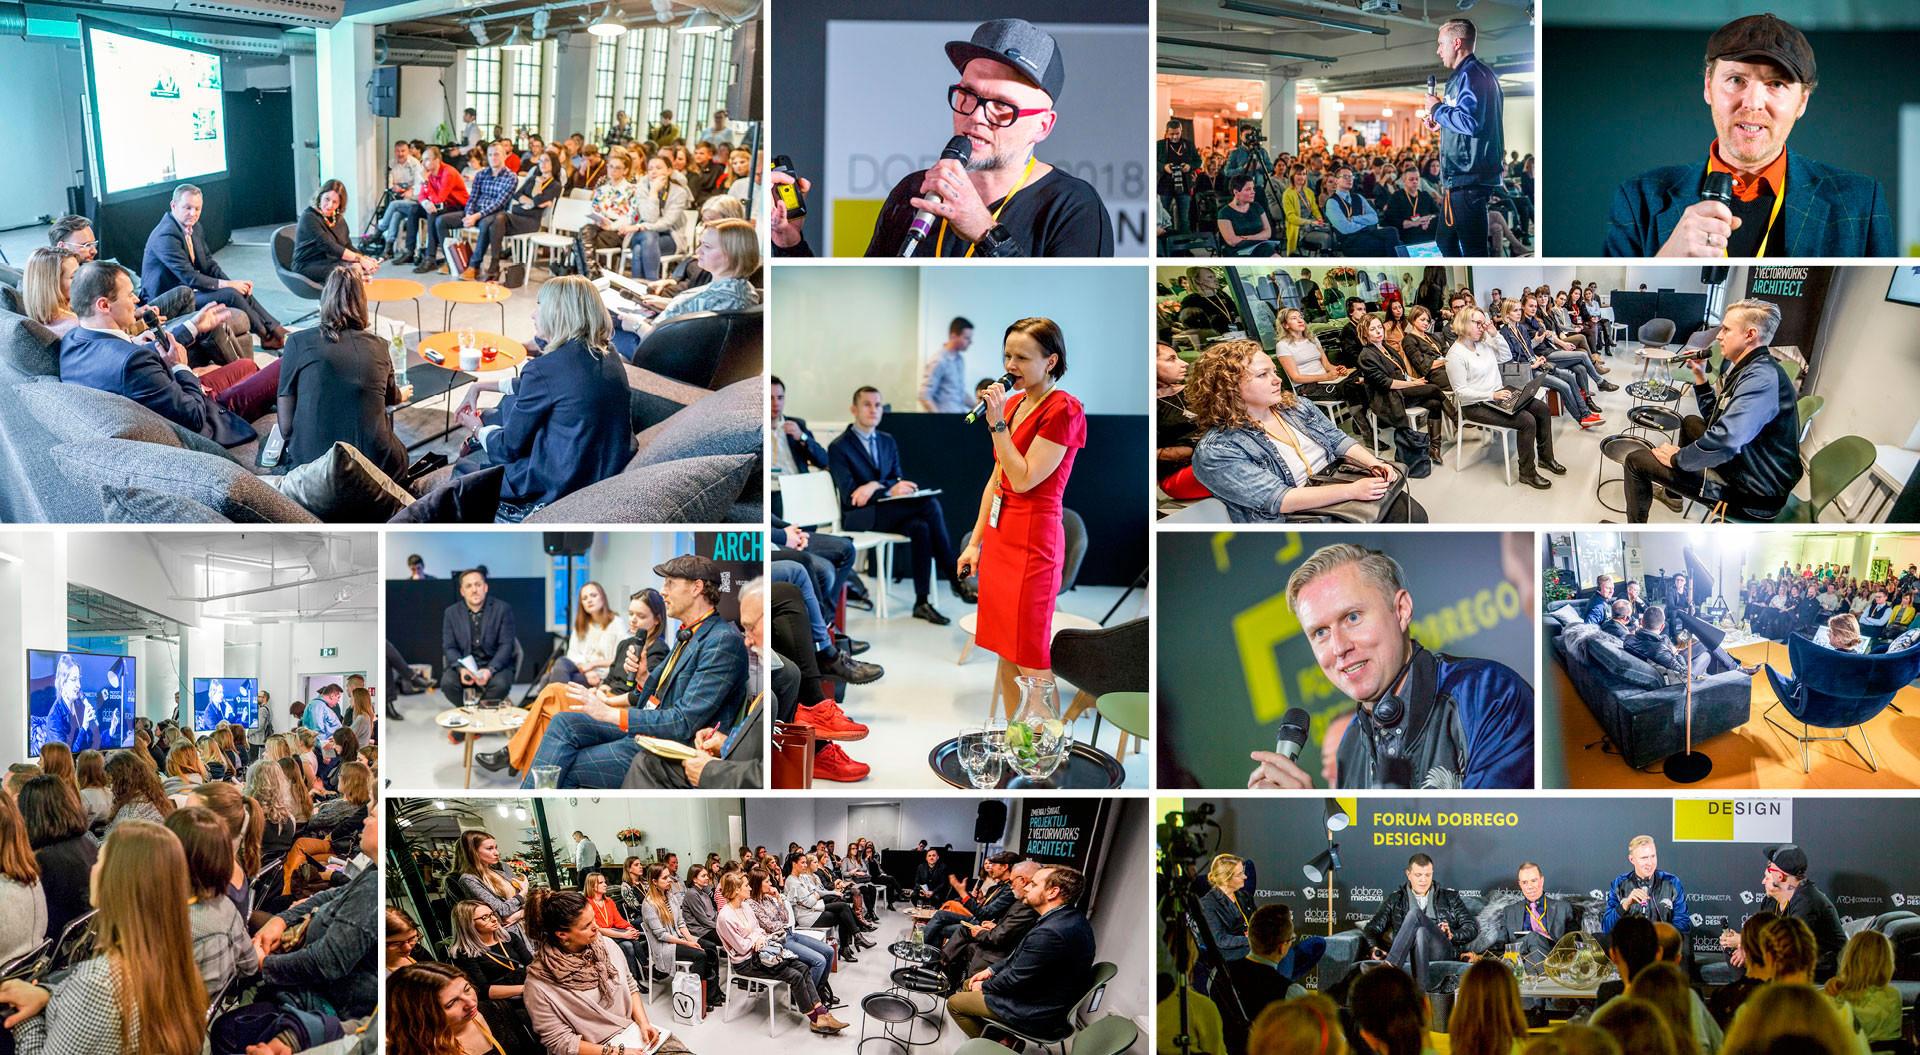 Forum Dobrego Designu 2018